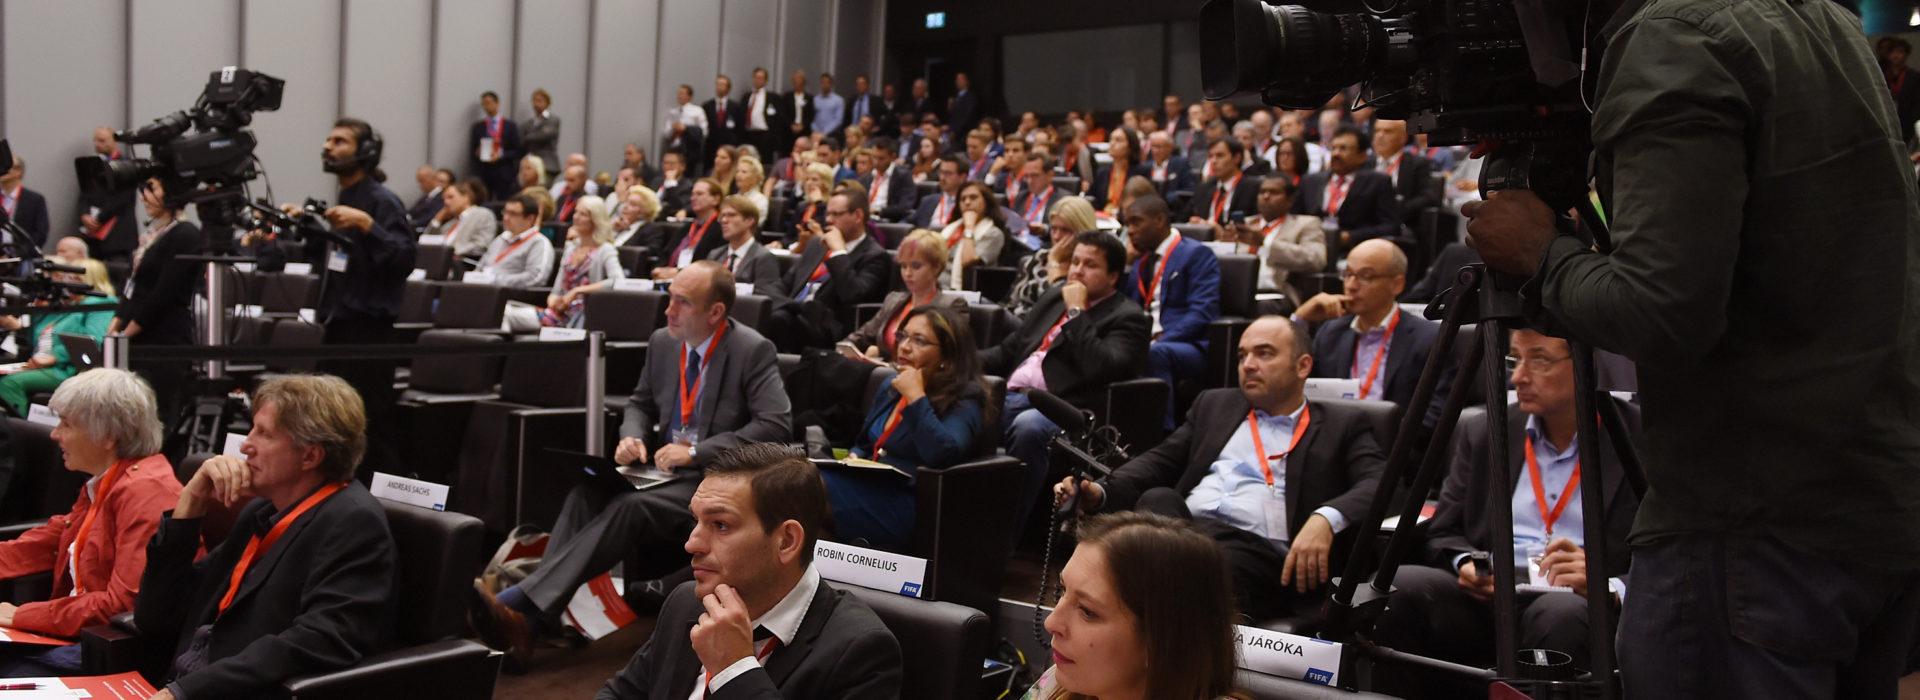 1. World Summit on Ethics in Sports im Home of FIFA in Zuerich 19.09.2014: Uebersicht Auditorium im Home of FIFA FOTO: foto-net